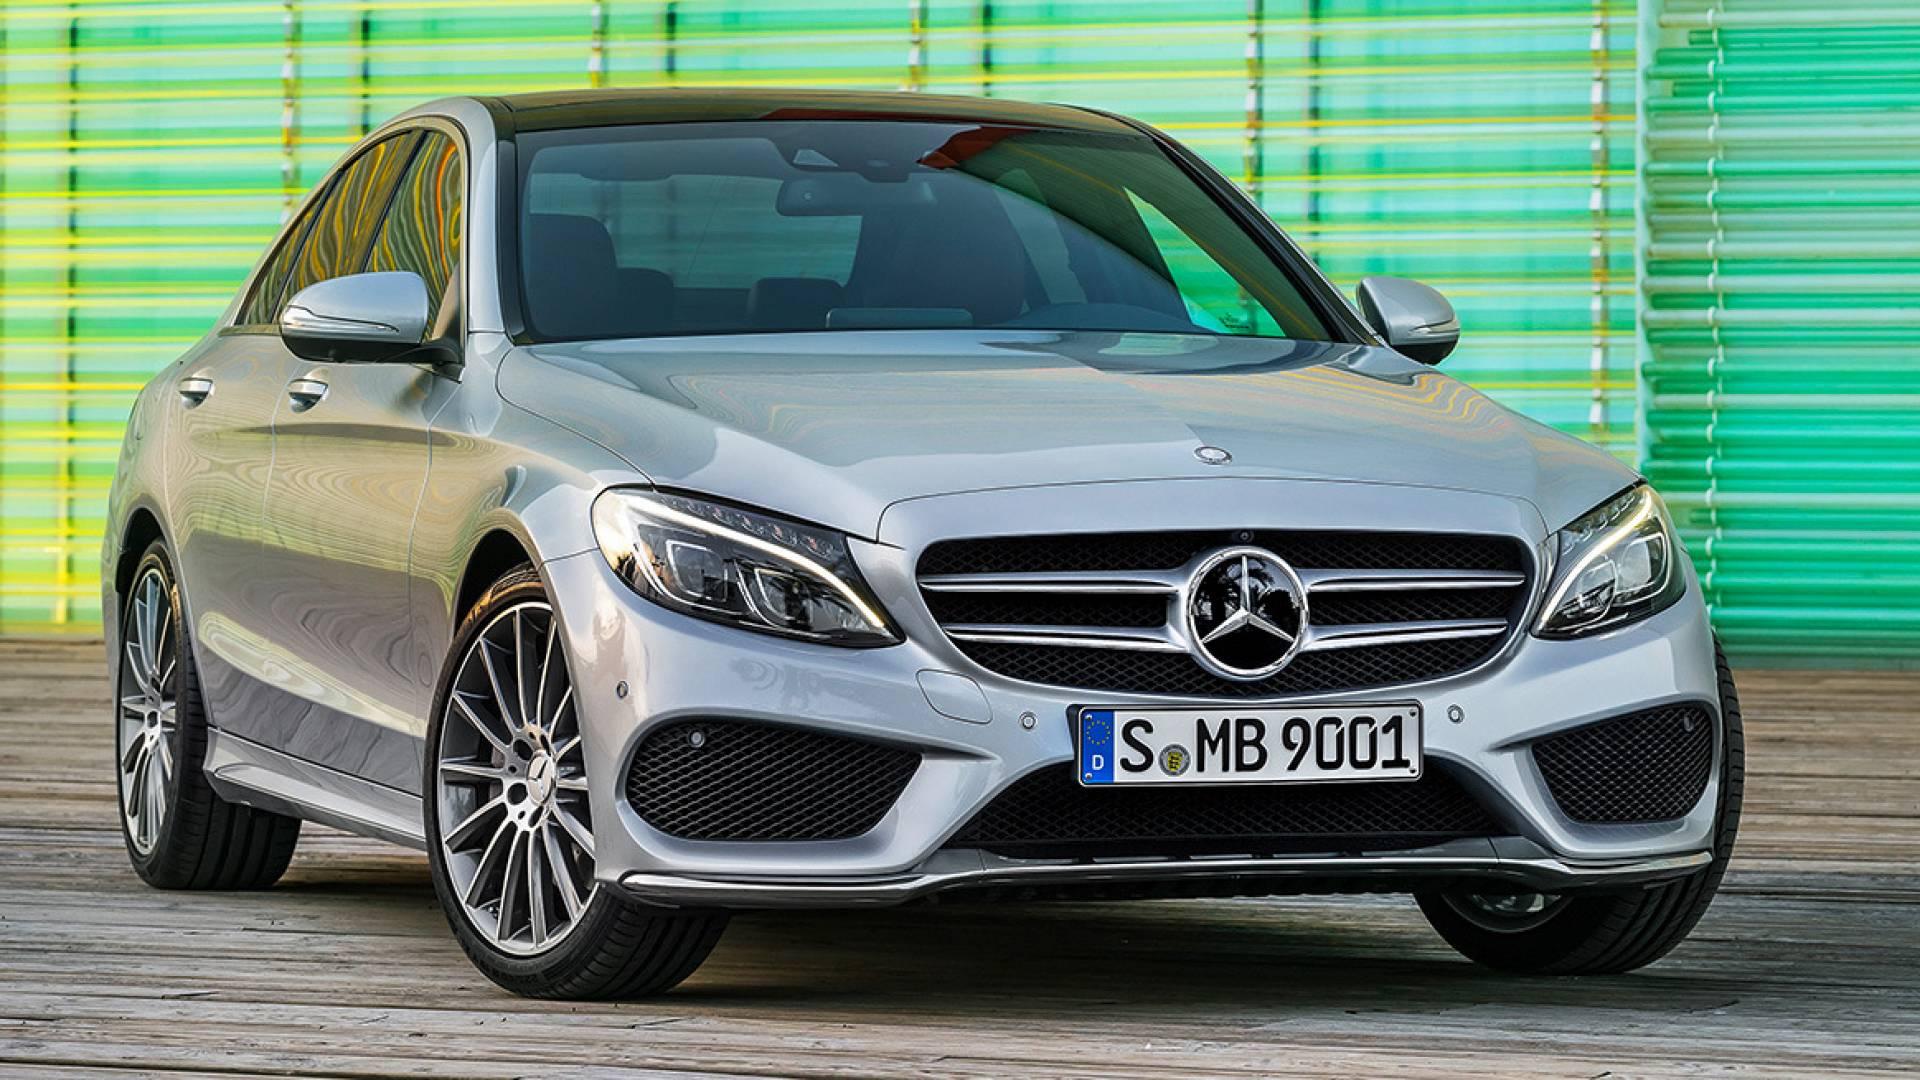 Mercedes clase c 2014 y c 63 amg precios prueba ficha for Interior mercedes clase c